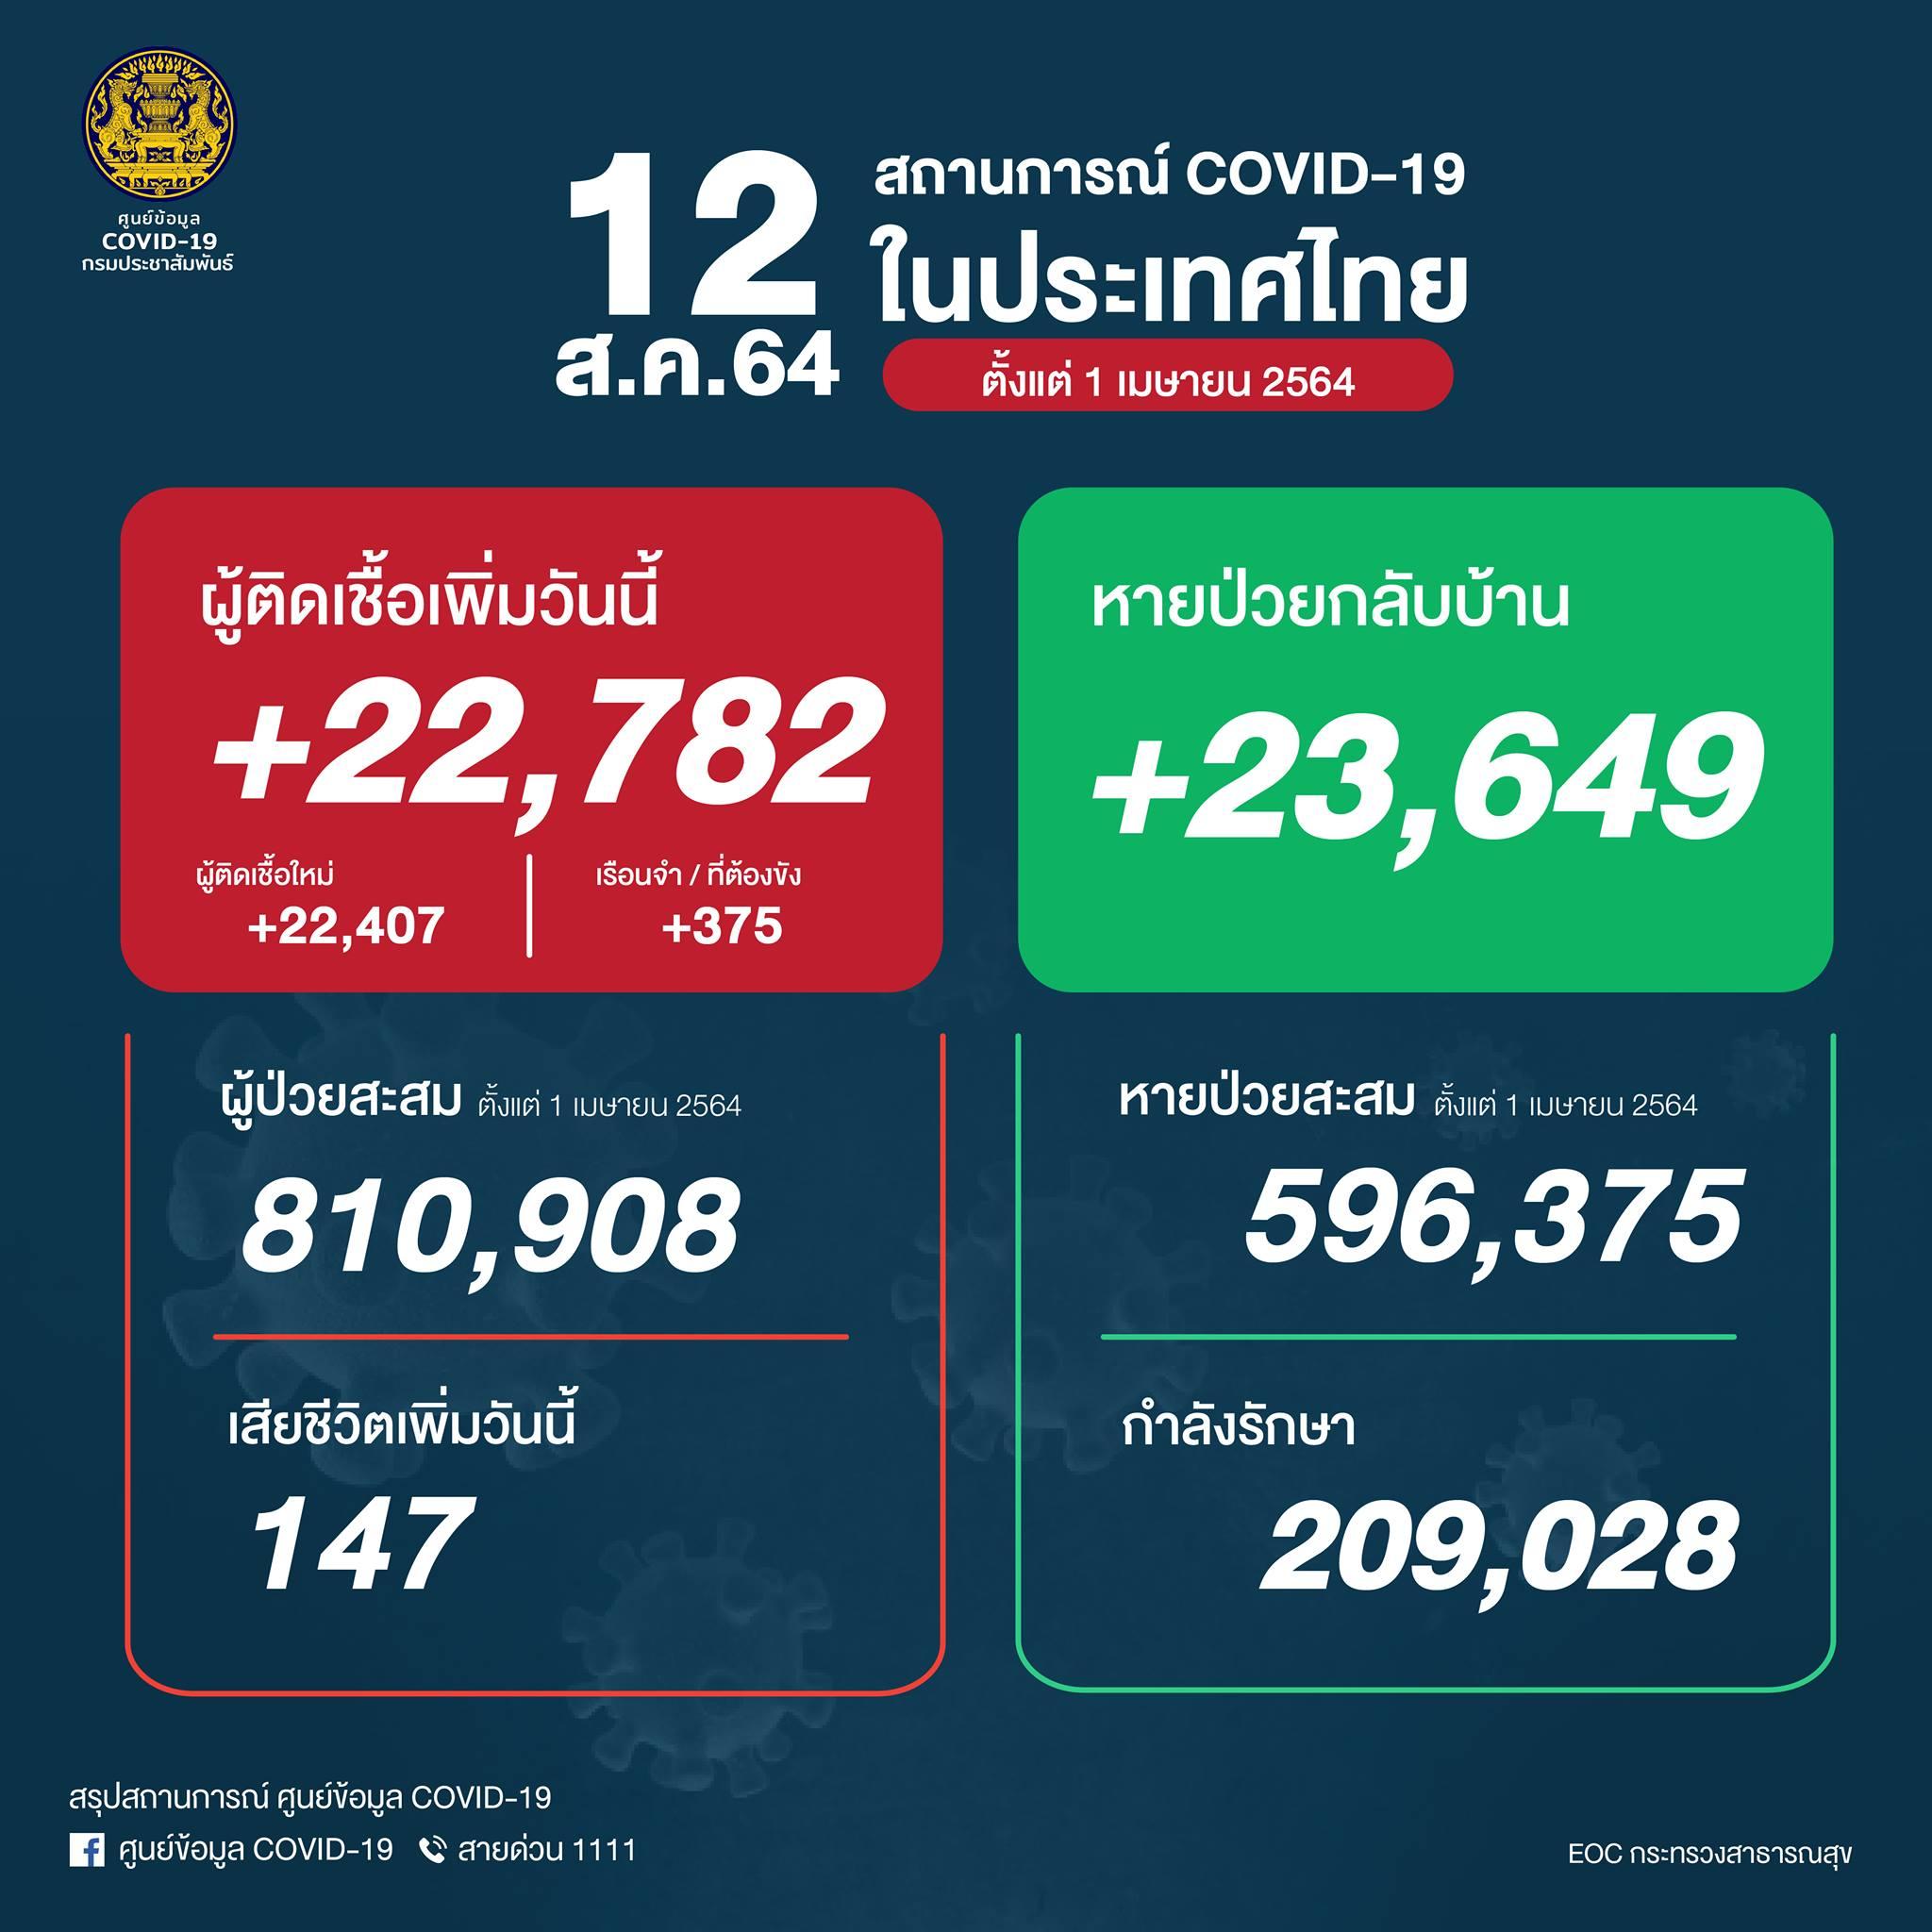 タイ 陽性22,782人/死亡147人/回復23,649人[2021/8/12]